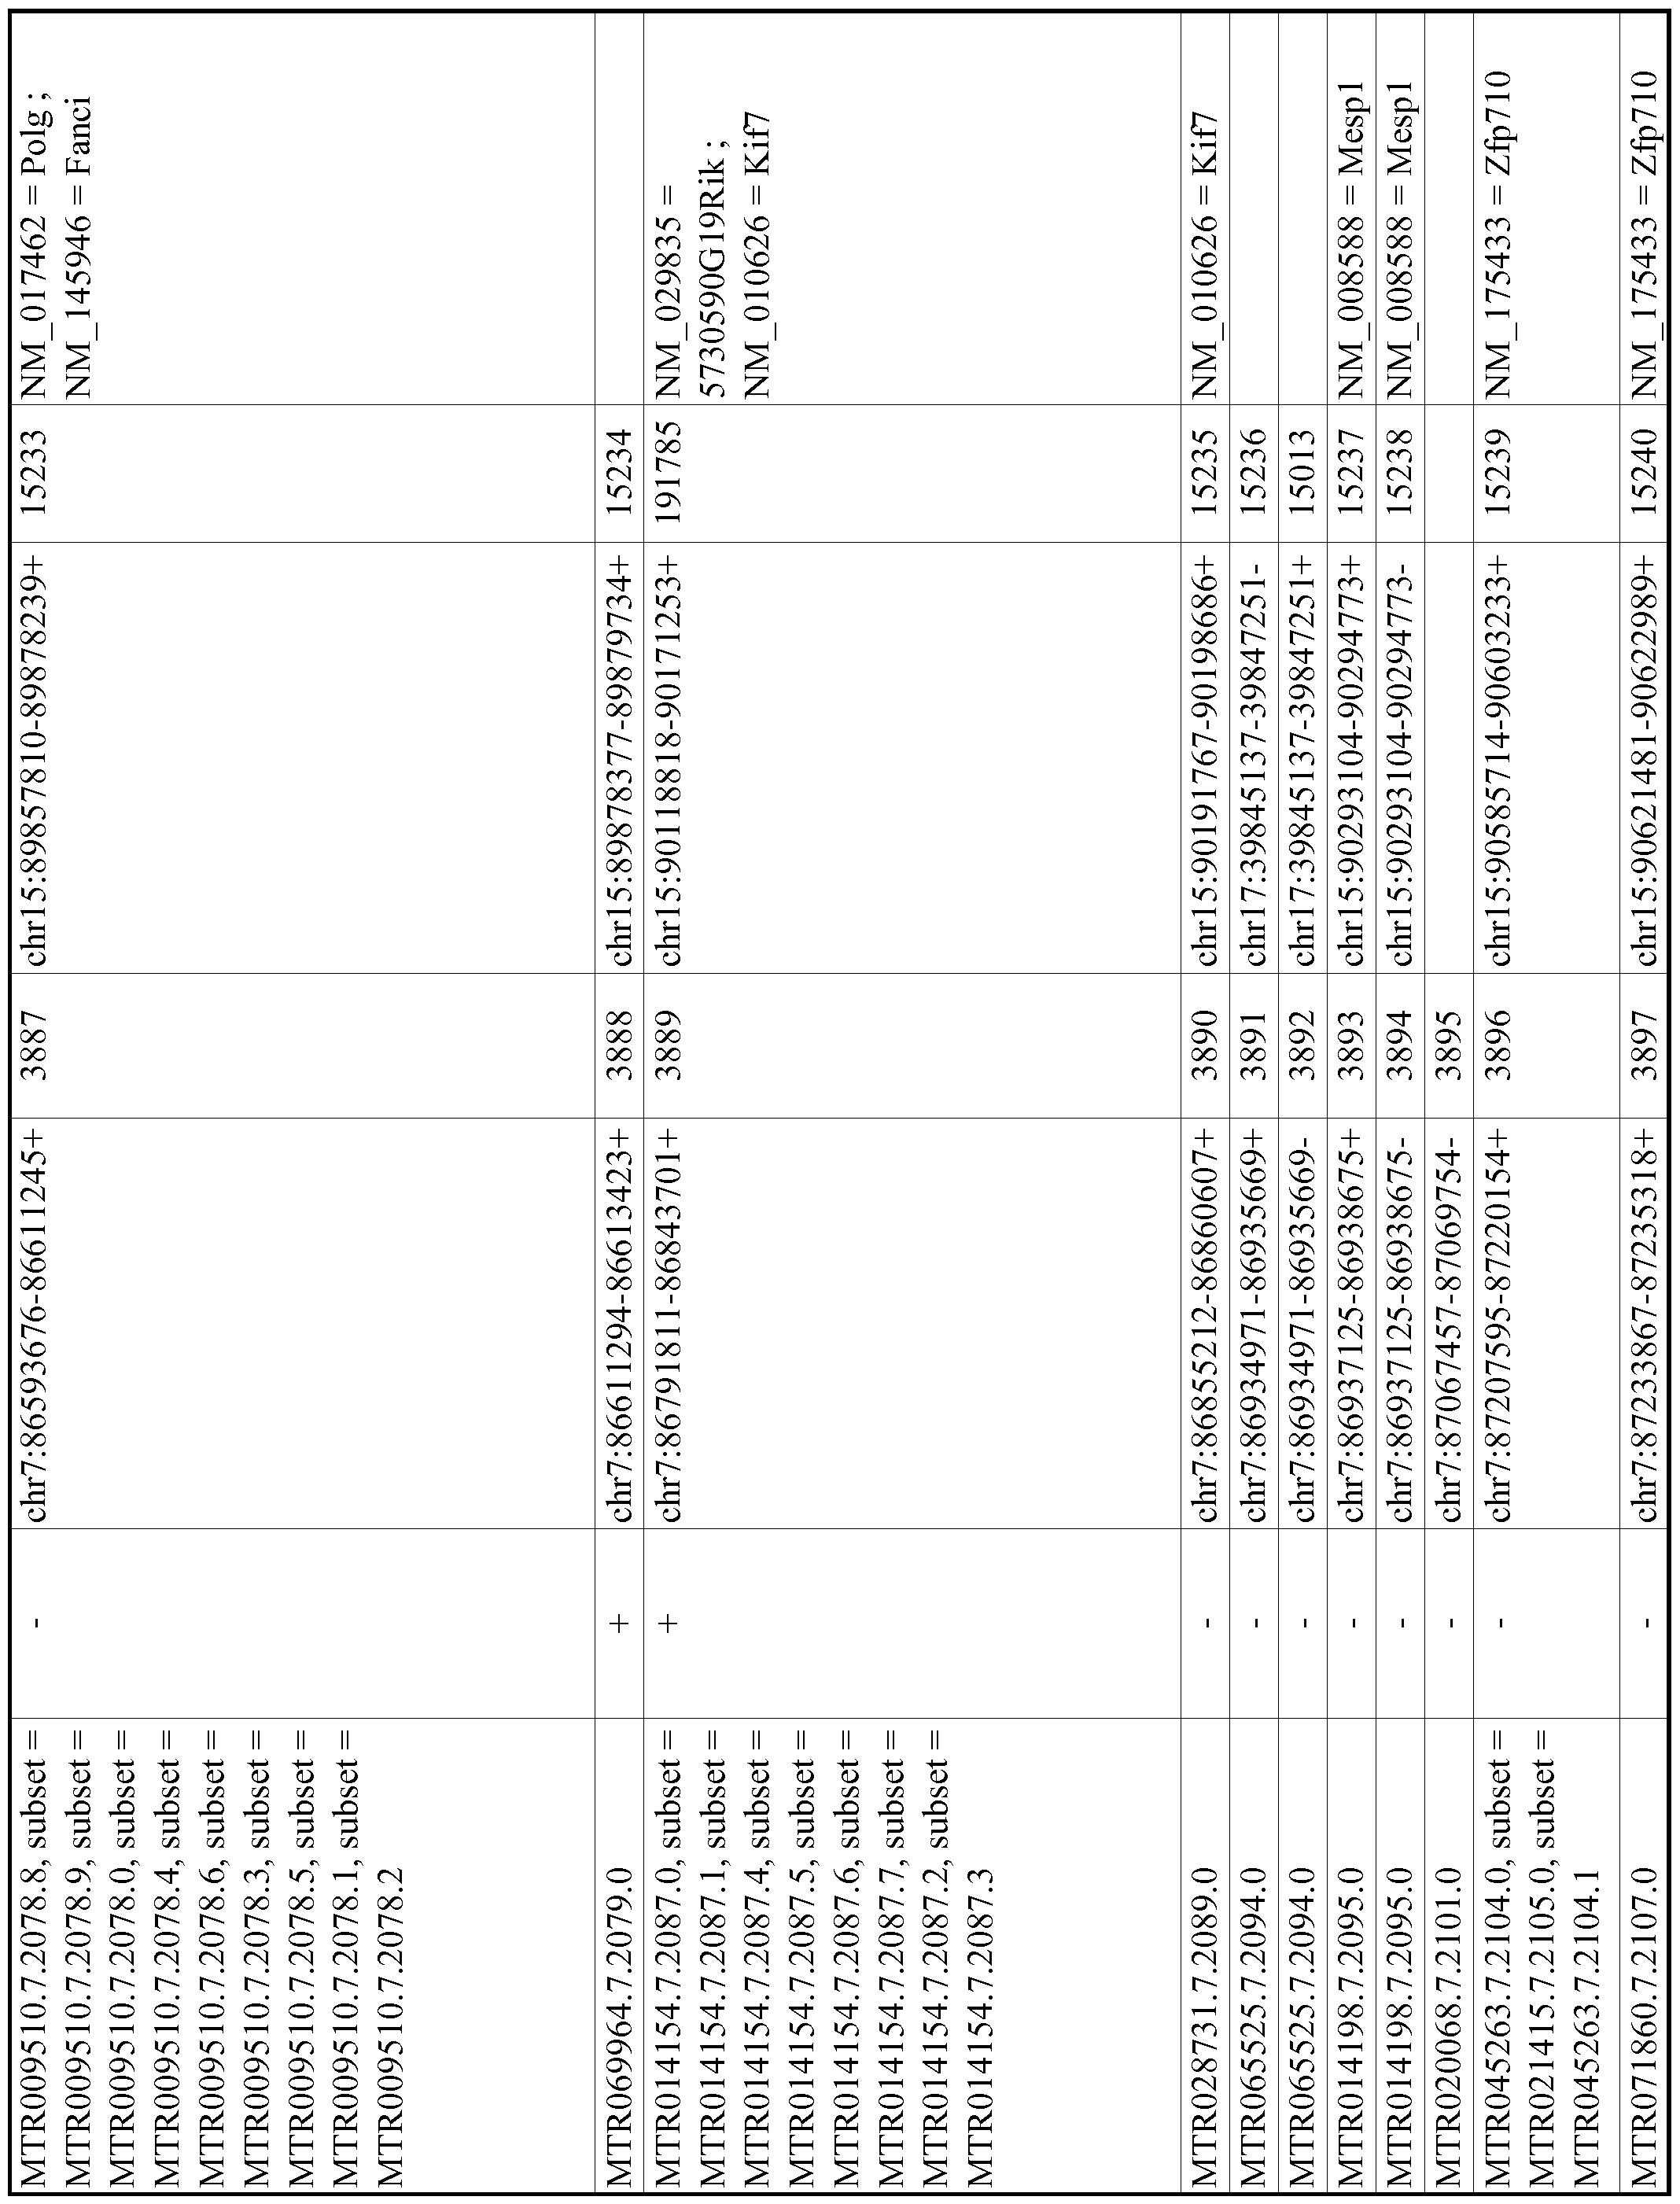 Figure imgf000745_0001